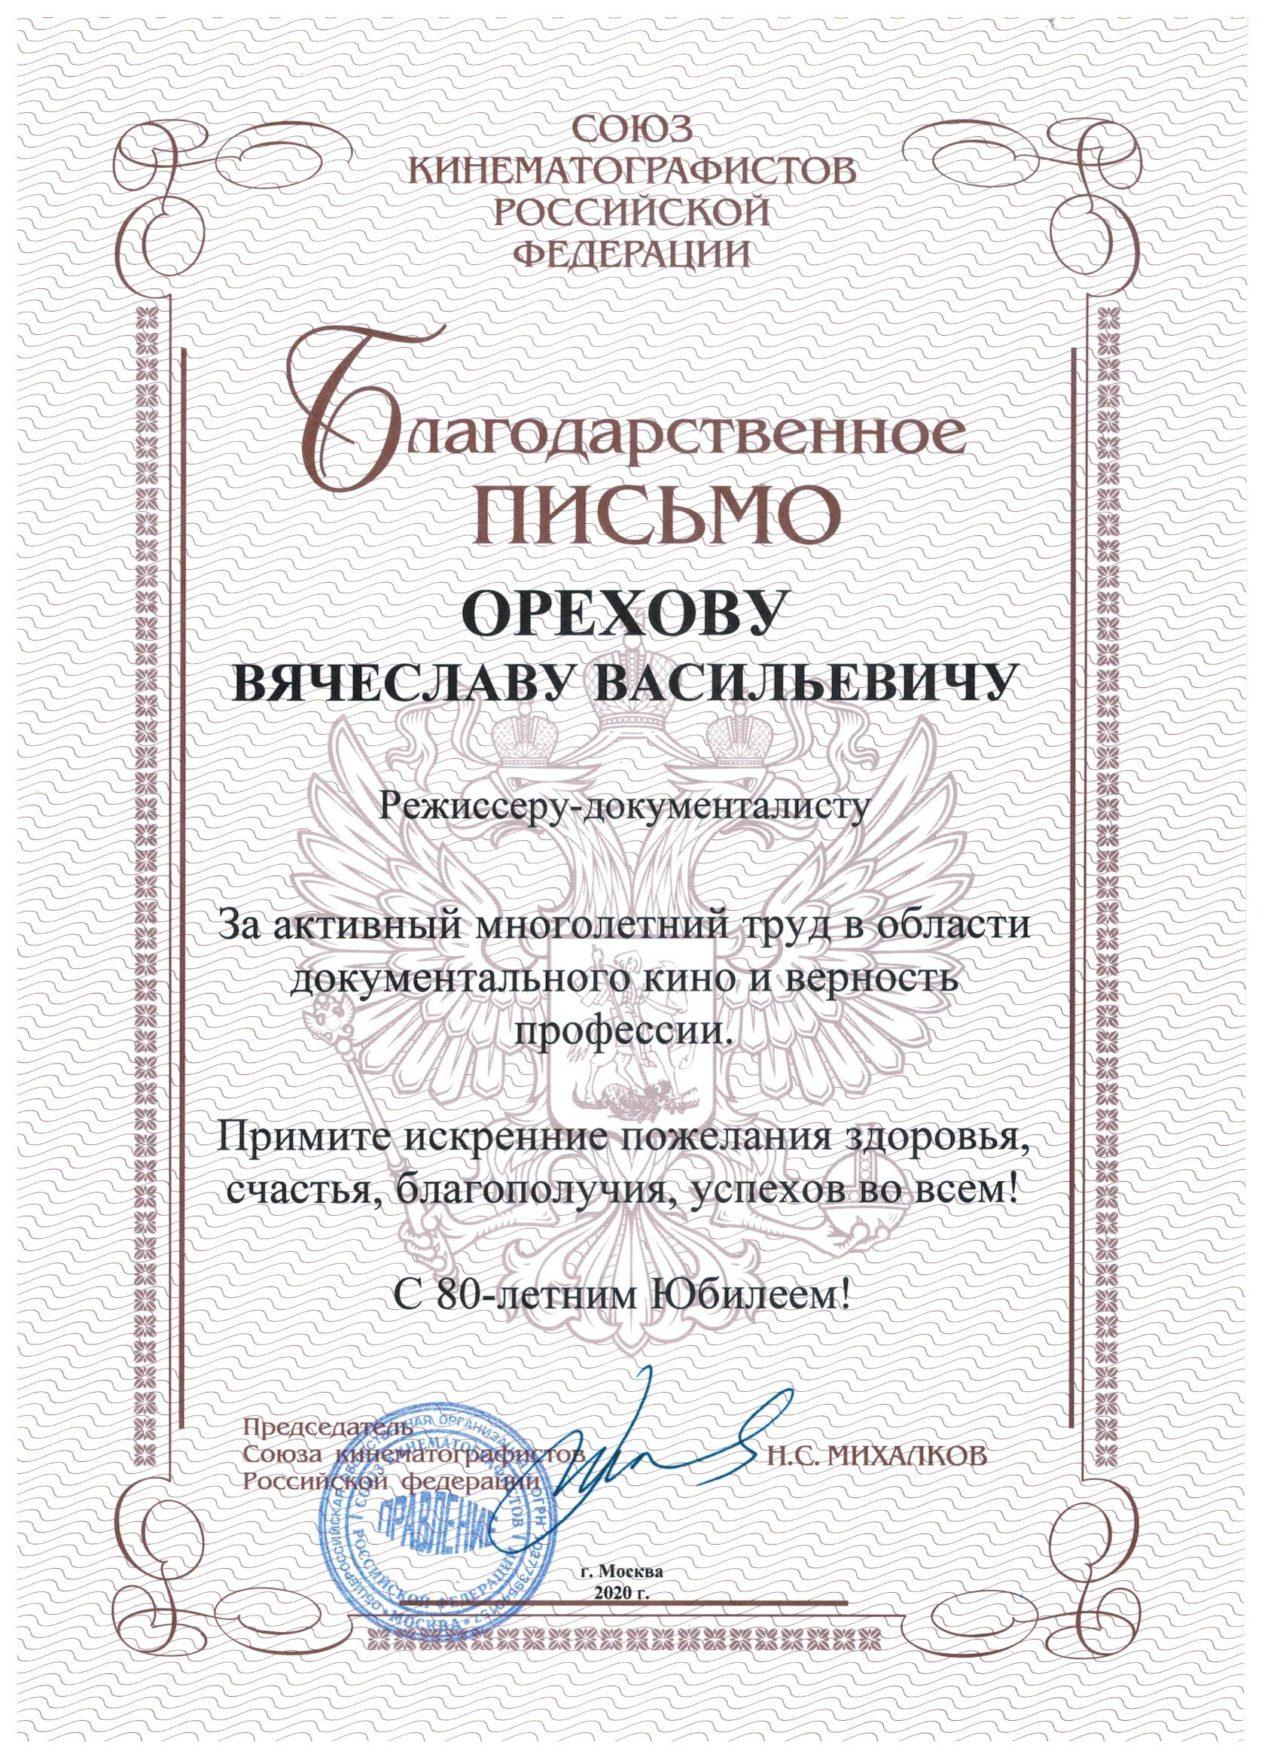 Ассоциация документального кино поздравляет Орехова Вячеслава Васильевича с Днём рождения!